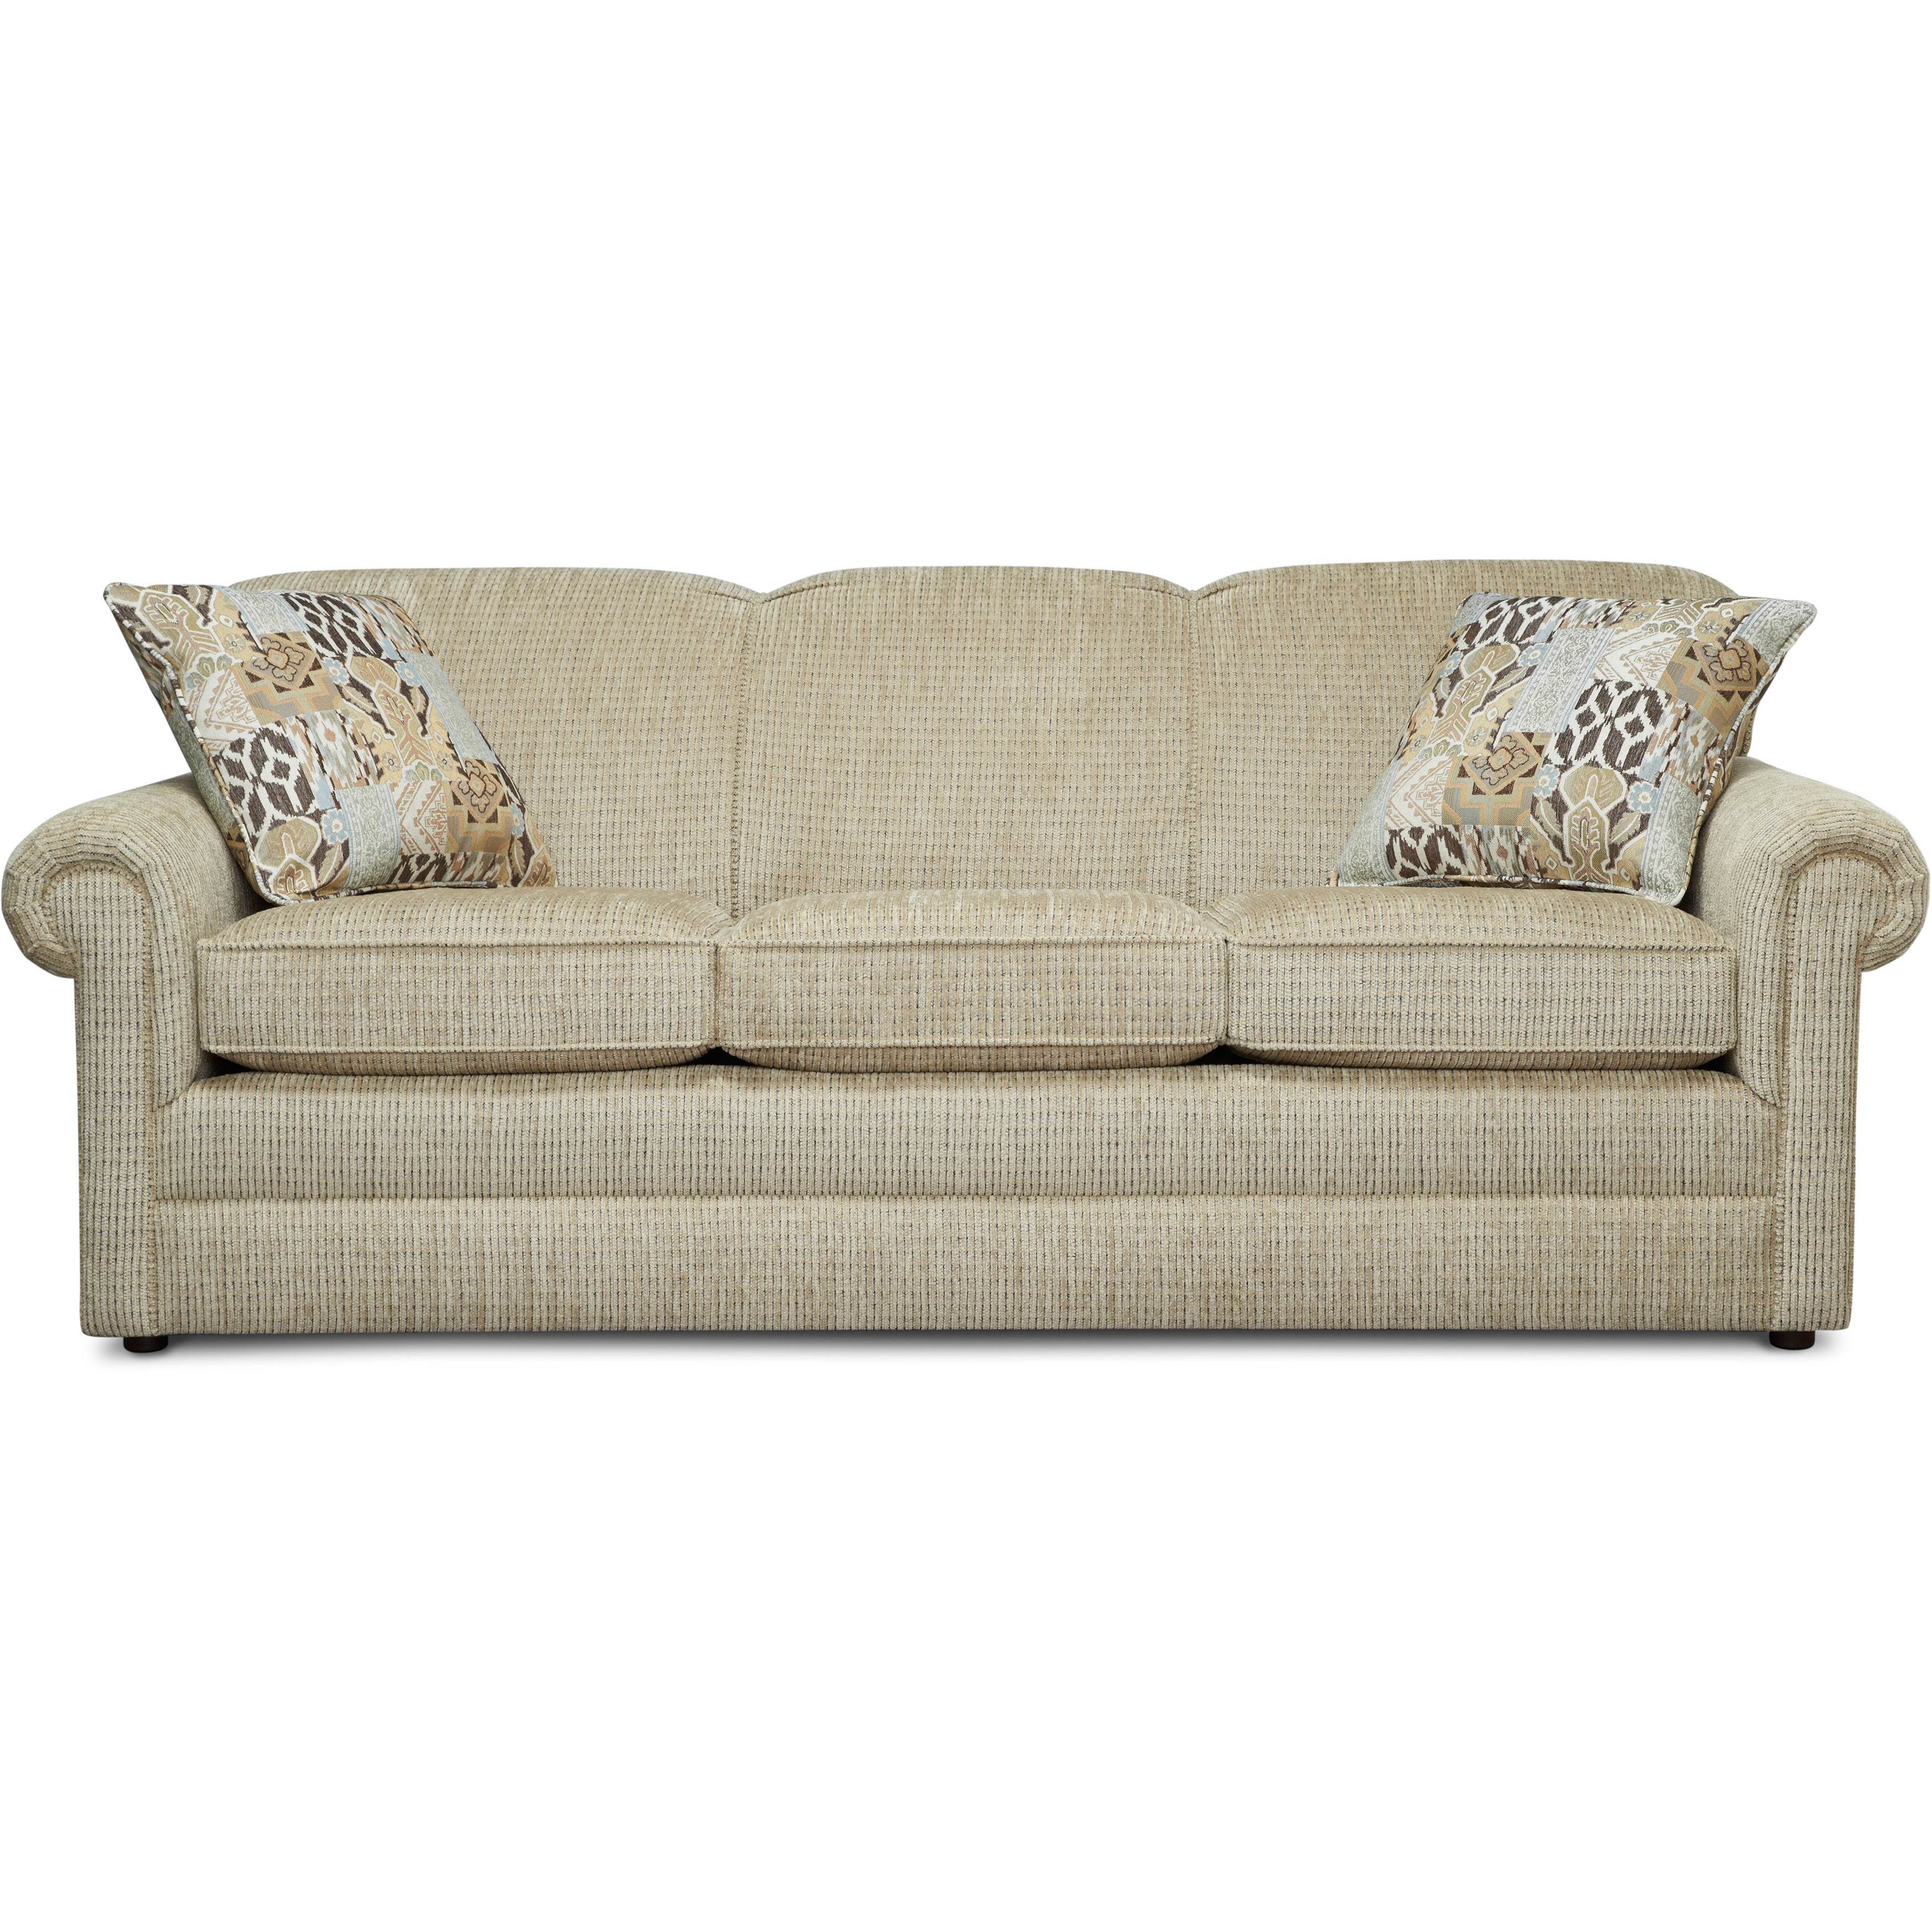 Shop Art Van Kerry Queen Sleeper Sofa With Air Mattress